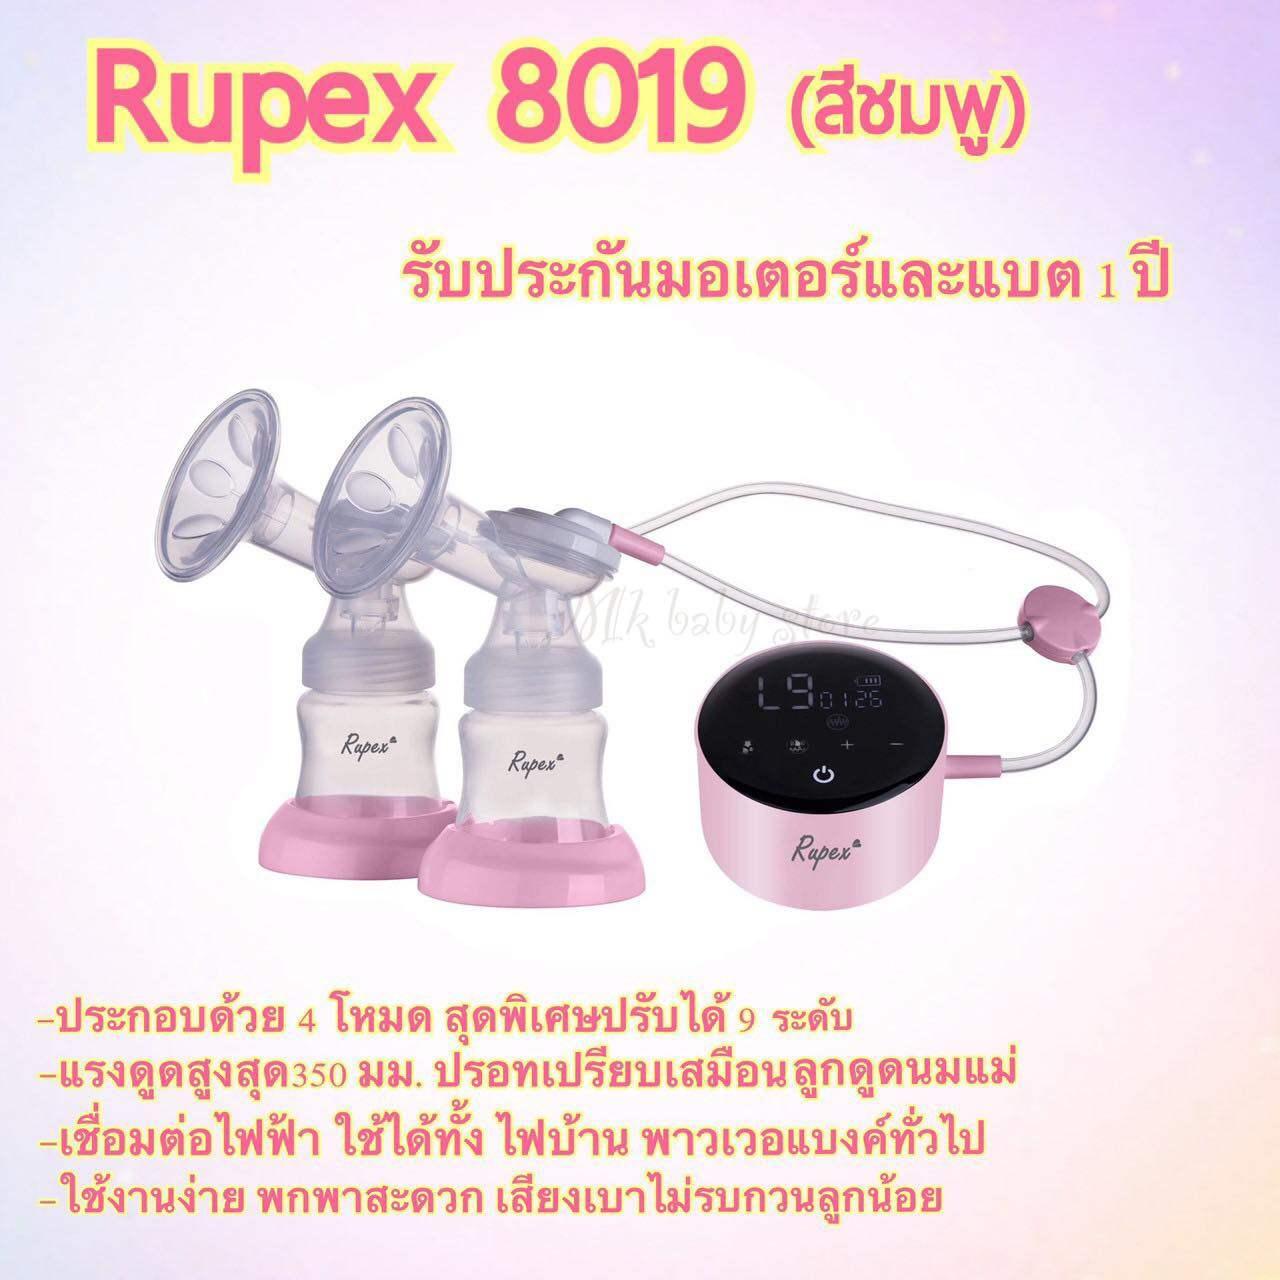 เครื่องปั้มนมไฟฟ้า เครื่องปั๊มนม RUPEX 8019 (สีชมพู) เครื่องปั๊มนมคู่ ราคาประหยัด ใช้ง่าย พกพาสะดวก มีแบตเตอรี่ในตัว ของแท้ แรงดูดดี ทนทาน ประกันมอเตอร์และแบตนาน 6เดือน ส่งไว มีเก็บเงินปลายทาง